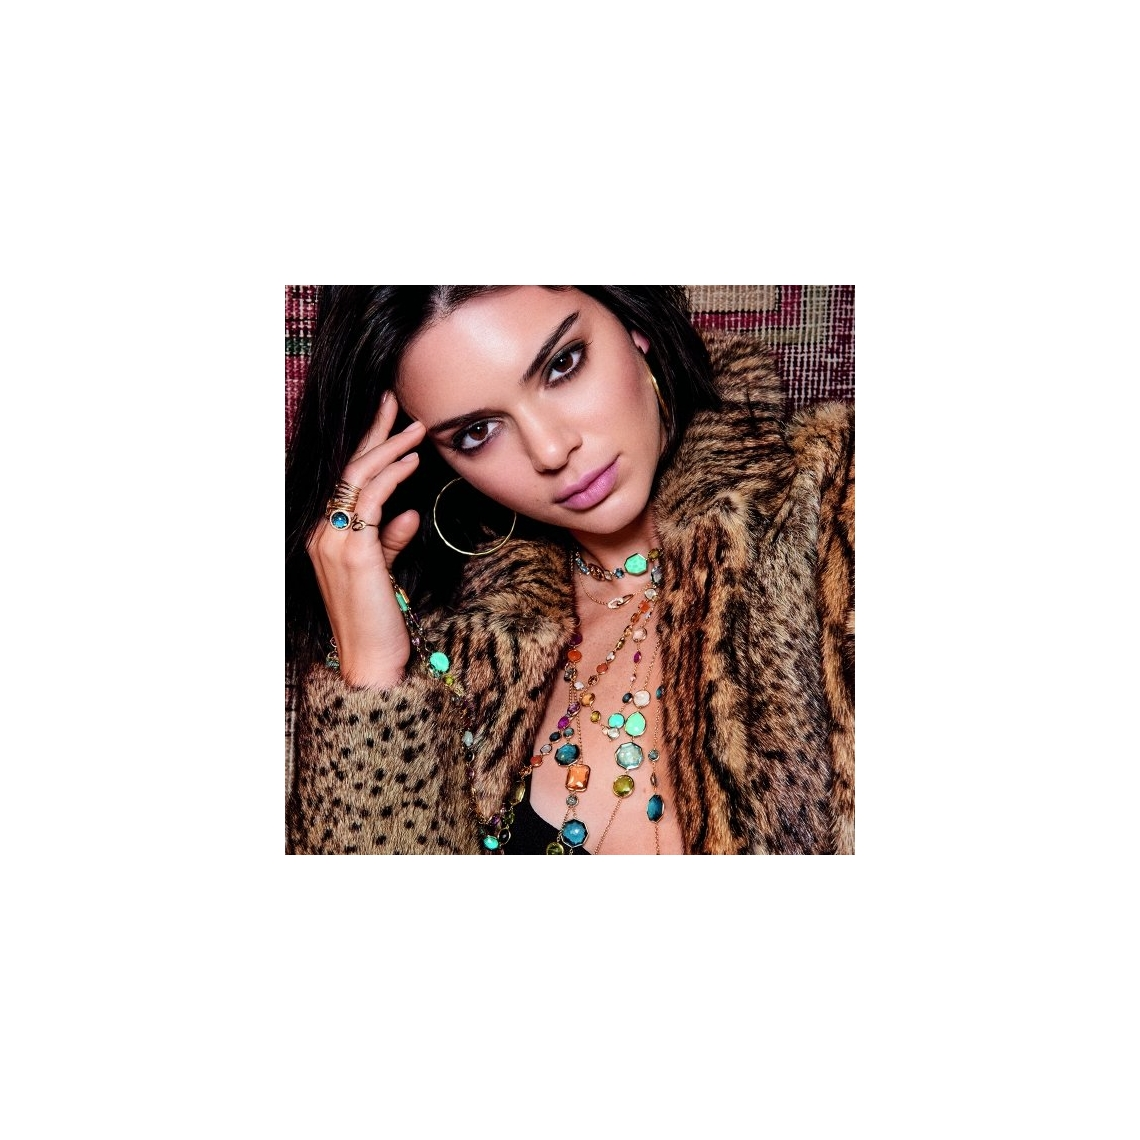 Kendall Jenner : La nouvelle égérie d'Ippolita